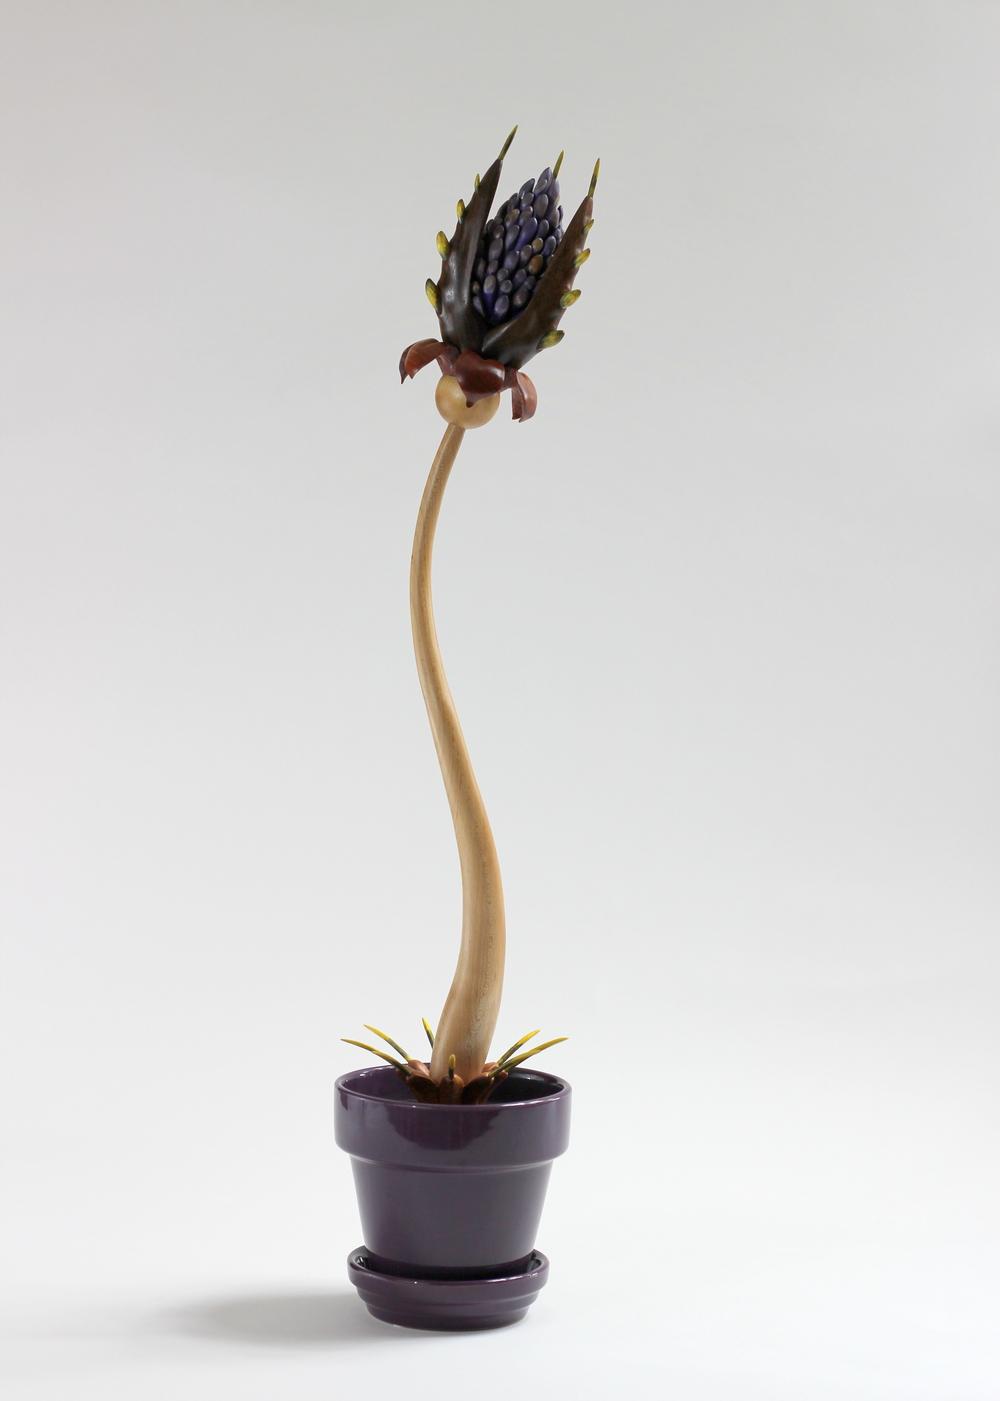 Bloom #3 by Sam Hingston